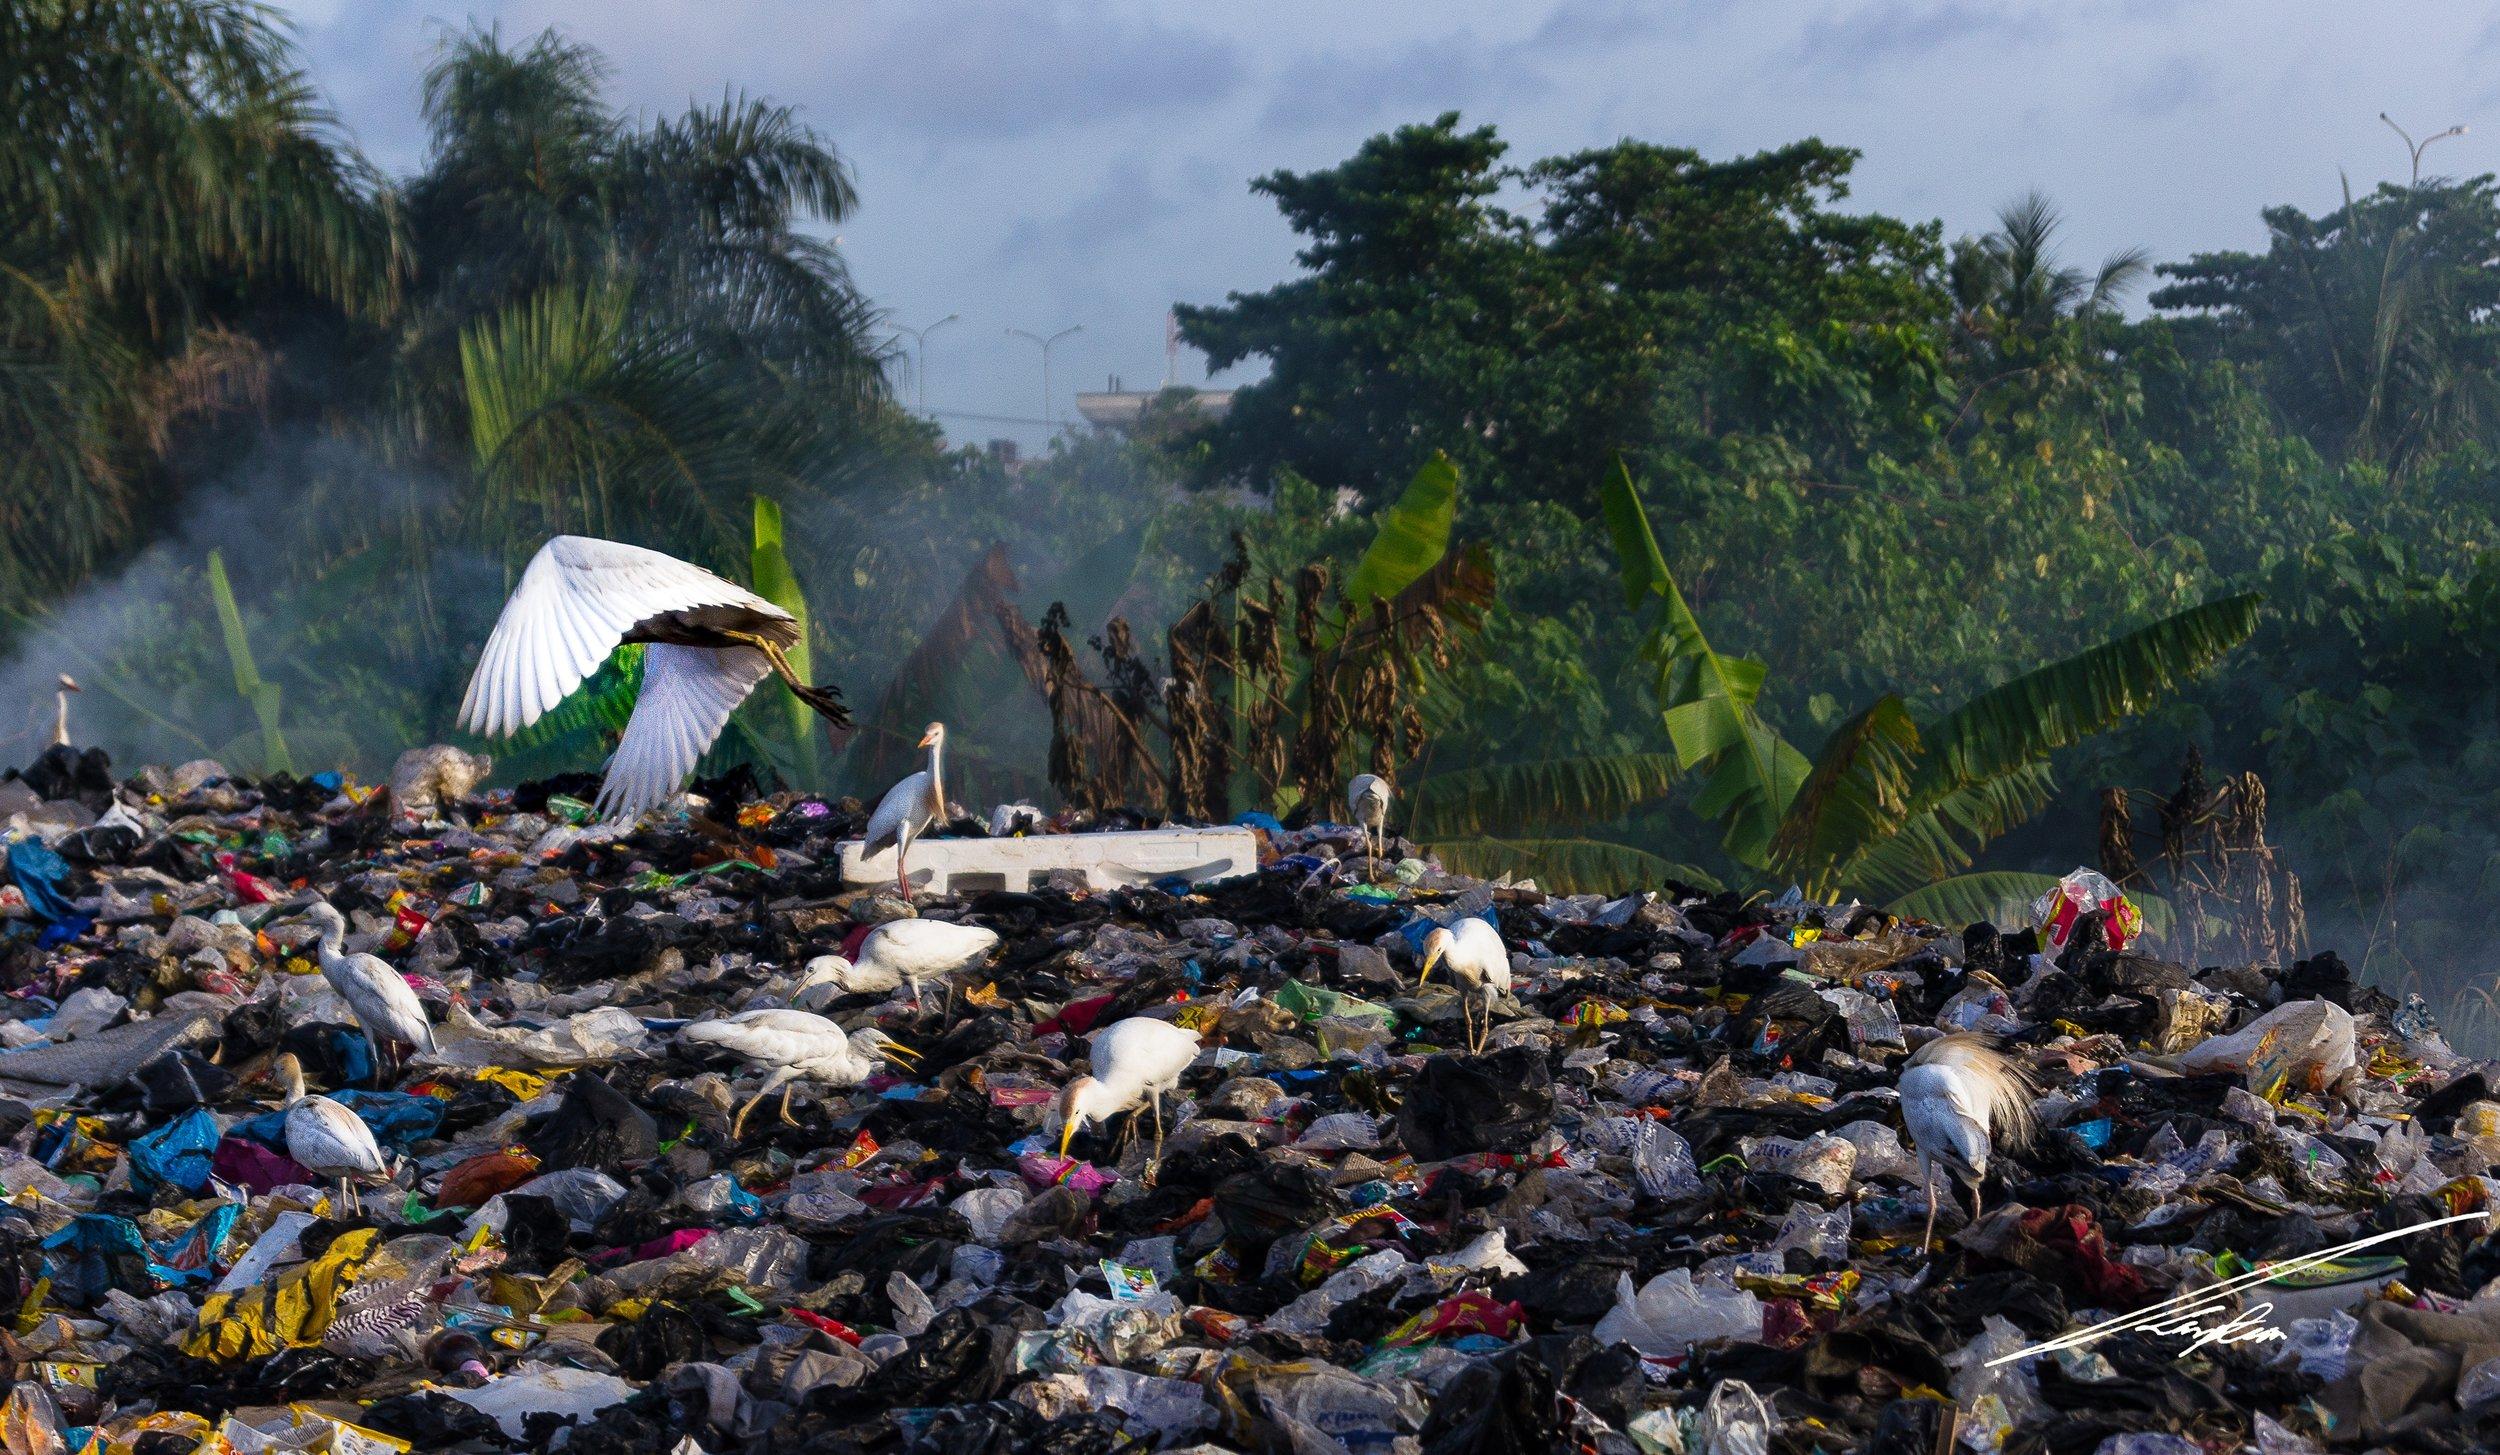 Photo by  Ayotunde Oguntoyinbo on  Unsplash